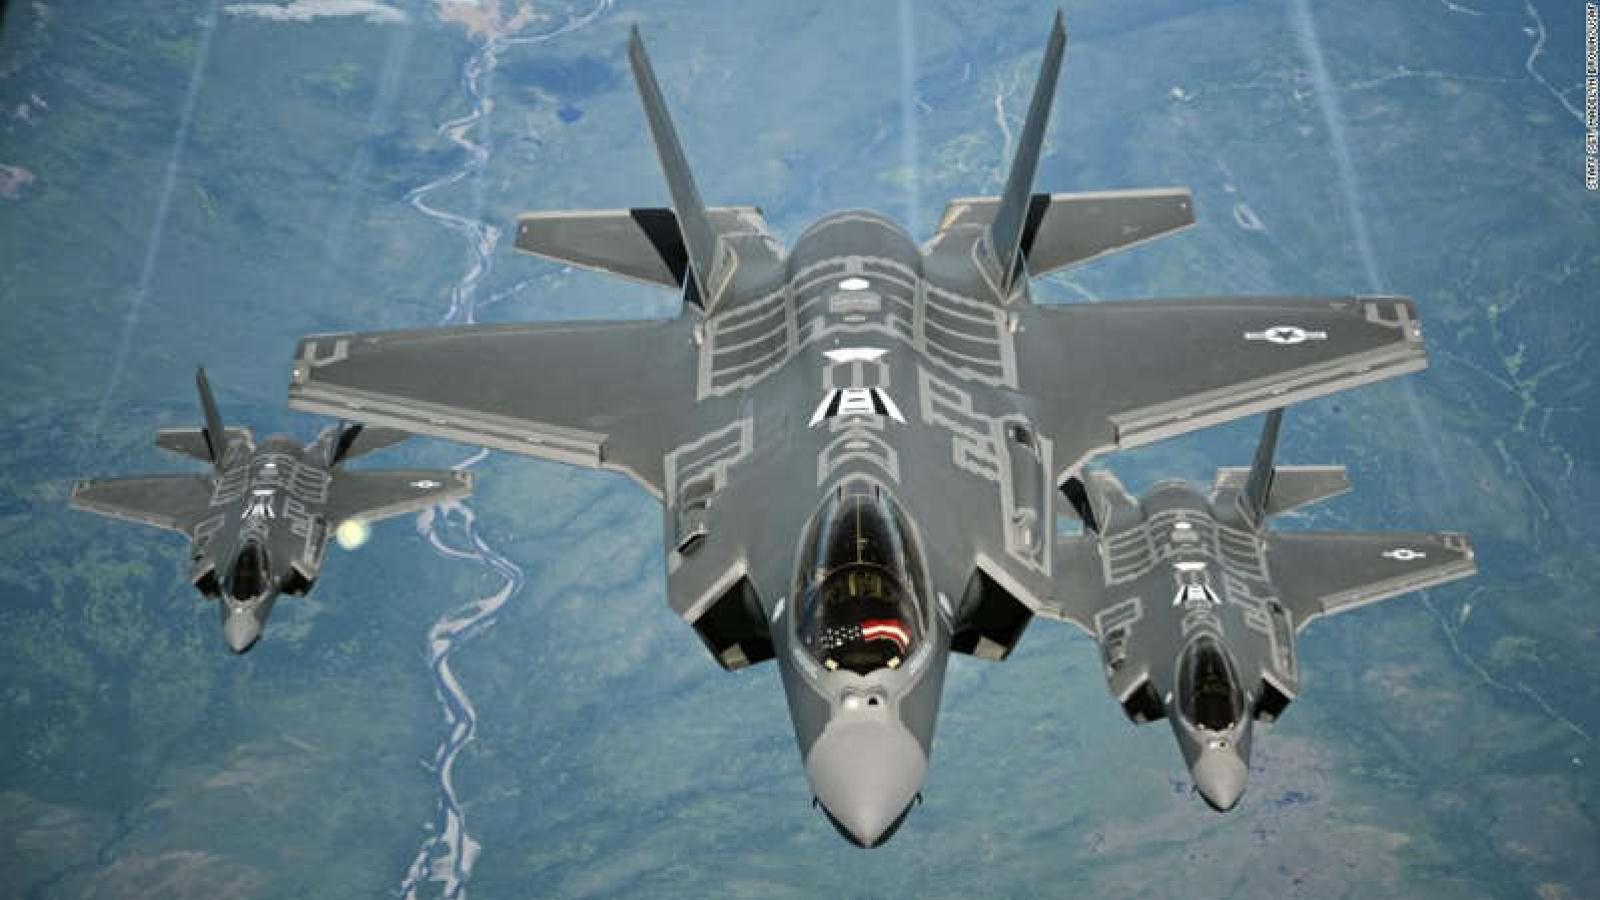 Từ chối EU, quốc gia trung lập Thụy Sĩ chi lớn mua lô tiêm kích F-35A của Mỹ